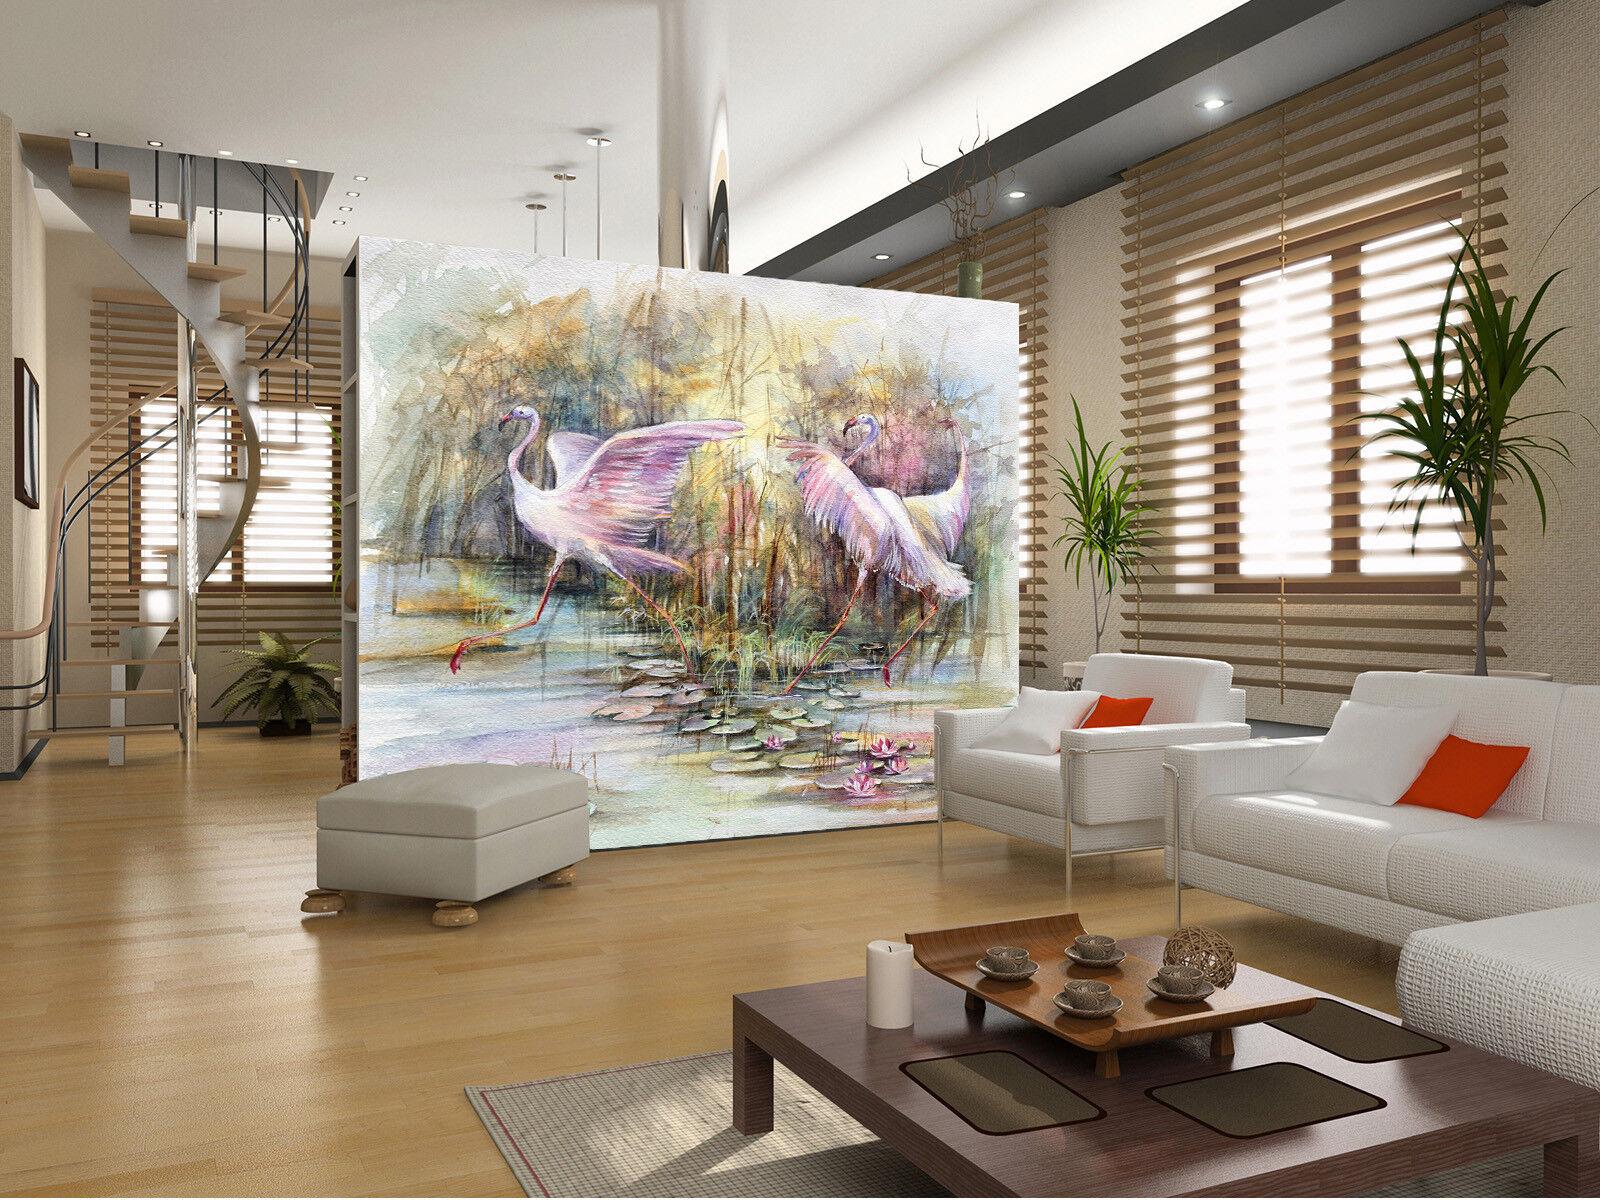 3D Grass Teich Reiher 9784 Tapete Wandgemälde Wandgemälde Wandgemälde Tapeten Bild Familie DE Lemon  | Große Auswahl  | Wirtschaftlich und praktisch  | Hochwertig  146312